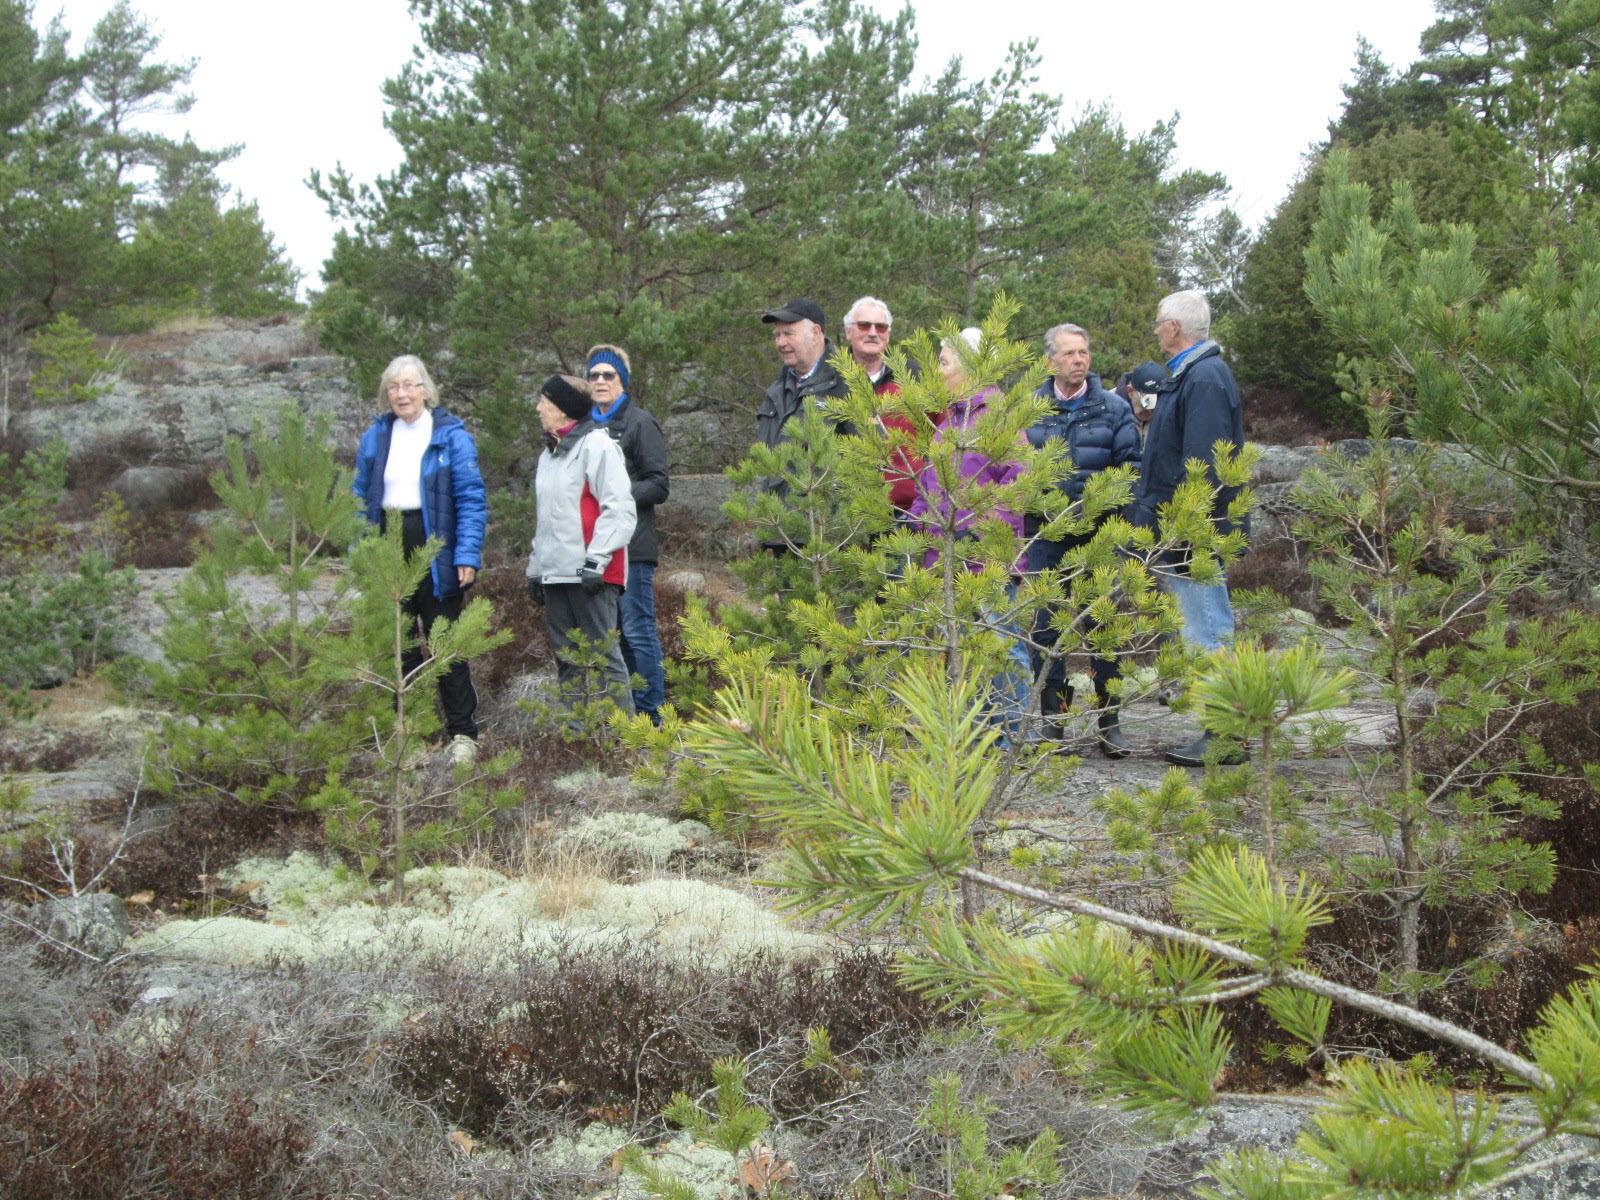 Tät vegetation